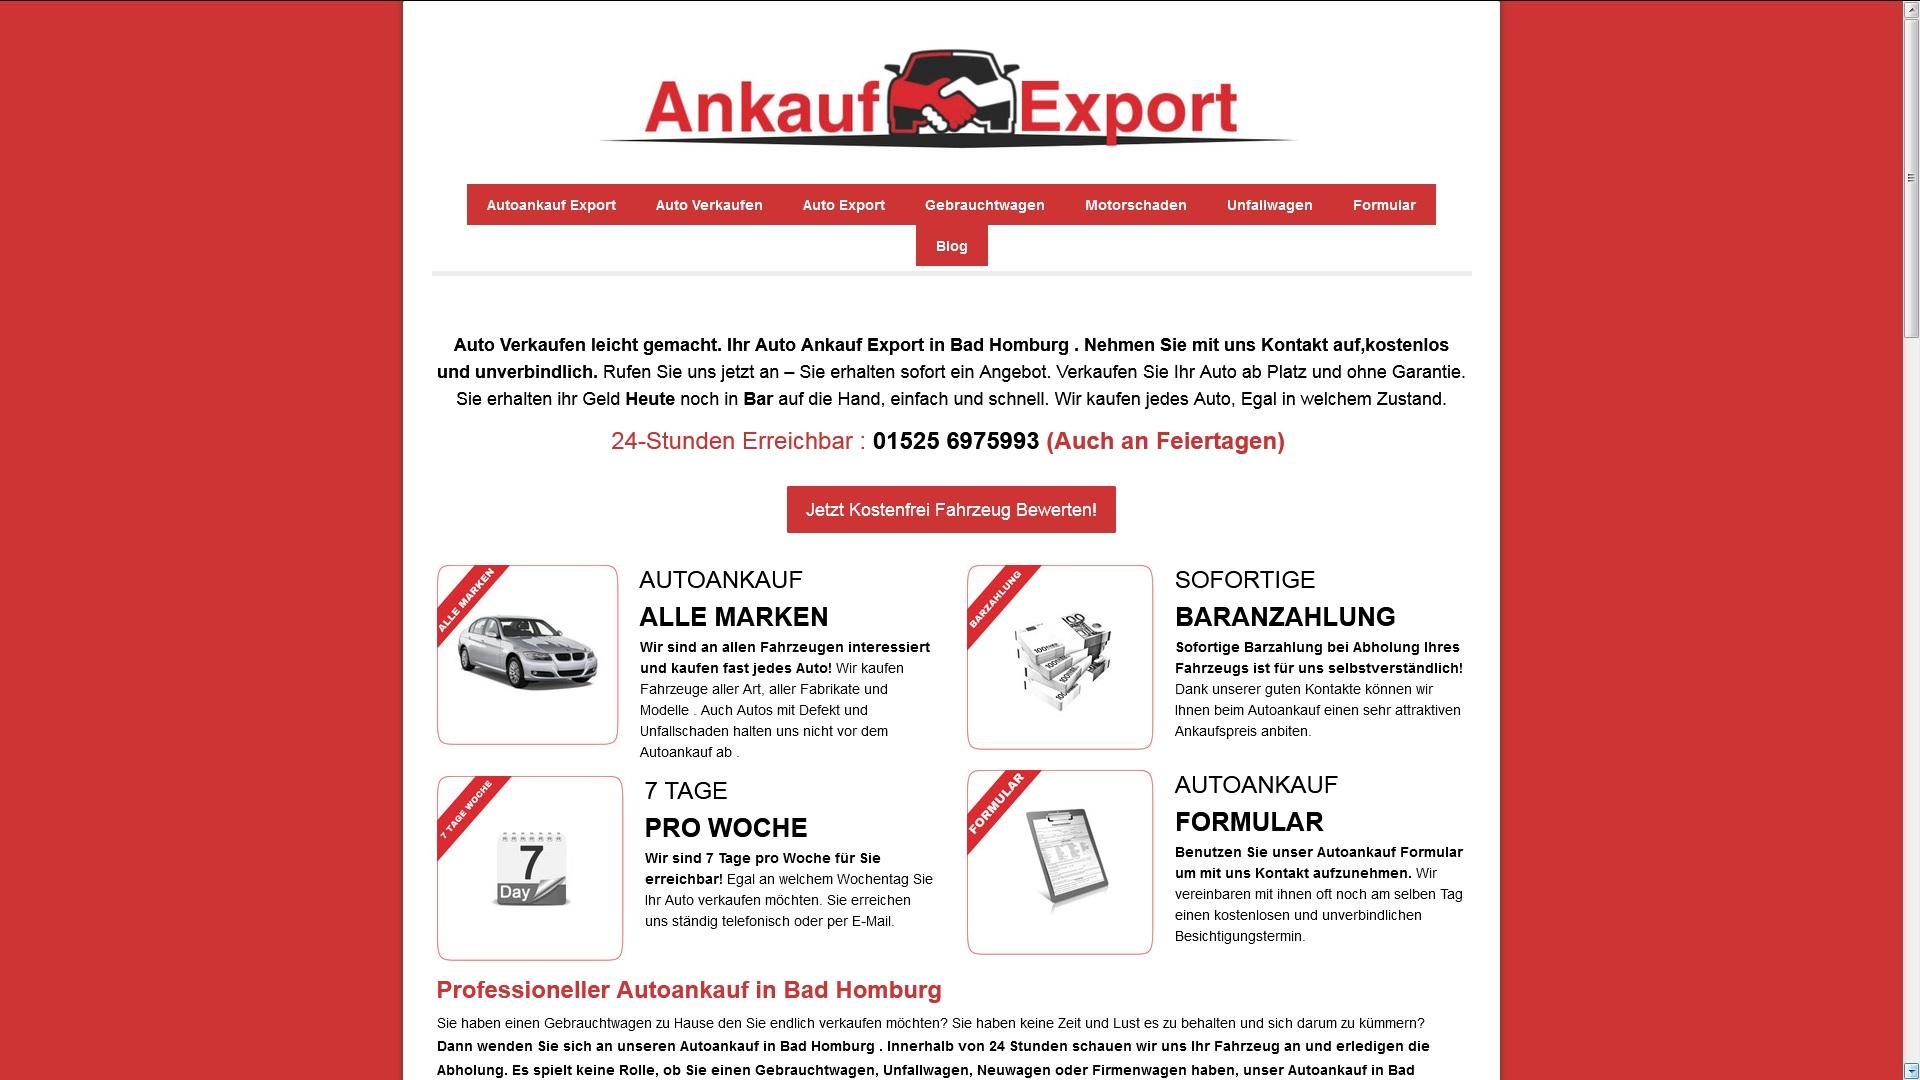 autoankauf lueneburg ist ihr team fuer den an und verkauf von autos jeder preisklasse - Autoankauf Lüneburg ist Ihr Team für den An- und Verkauf von Autos jeder Preisklasse